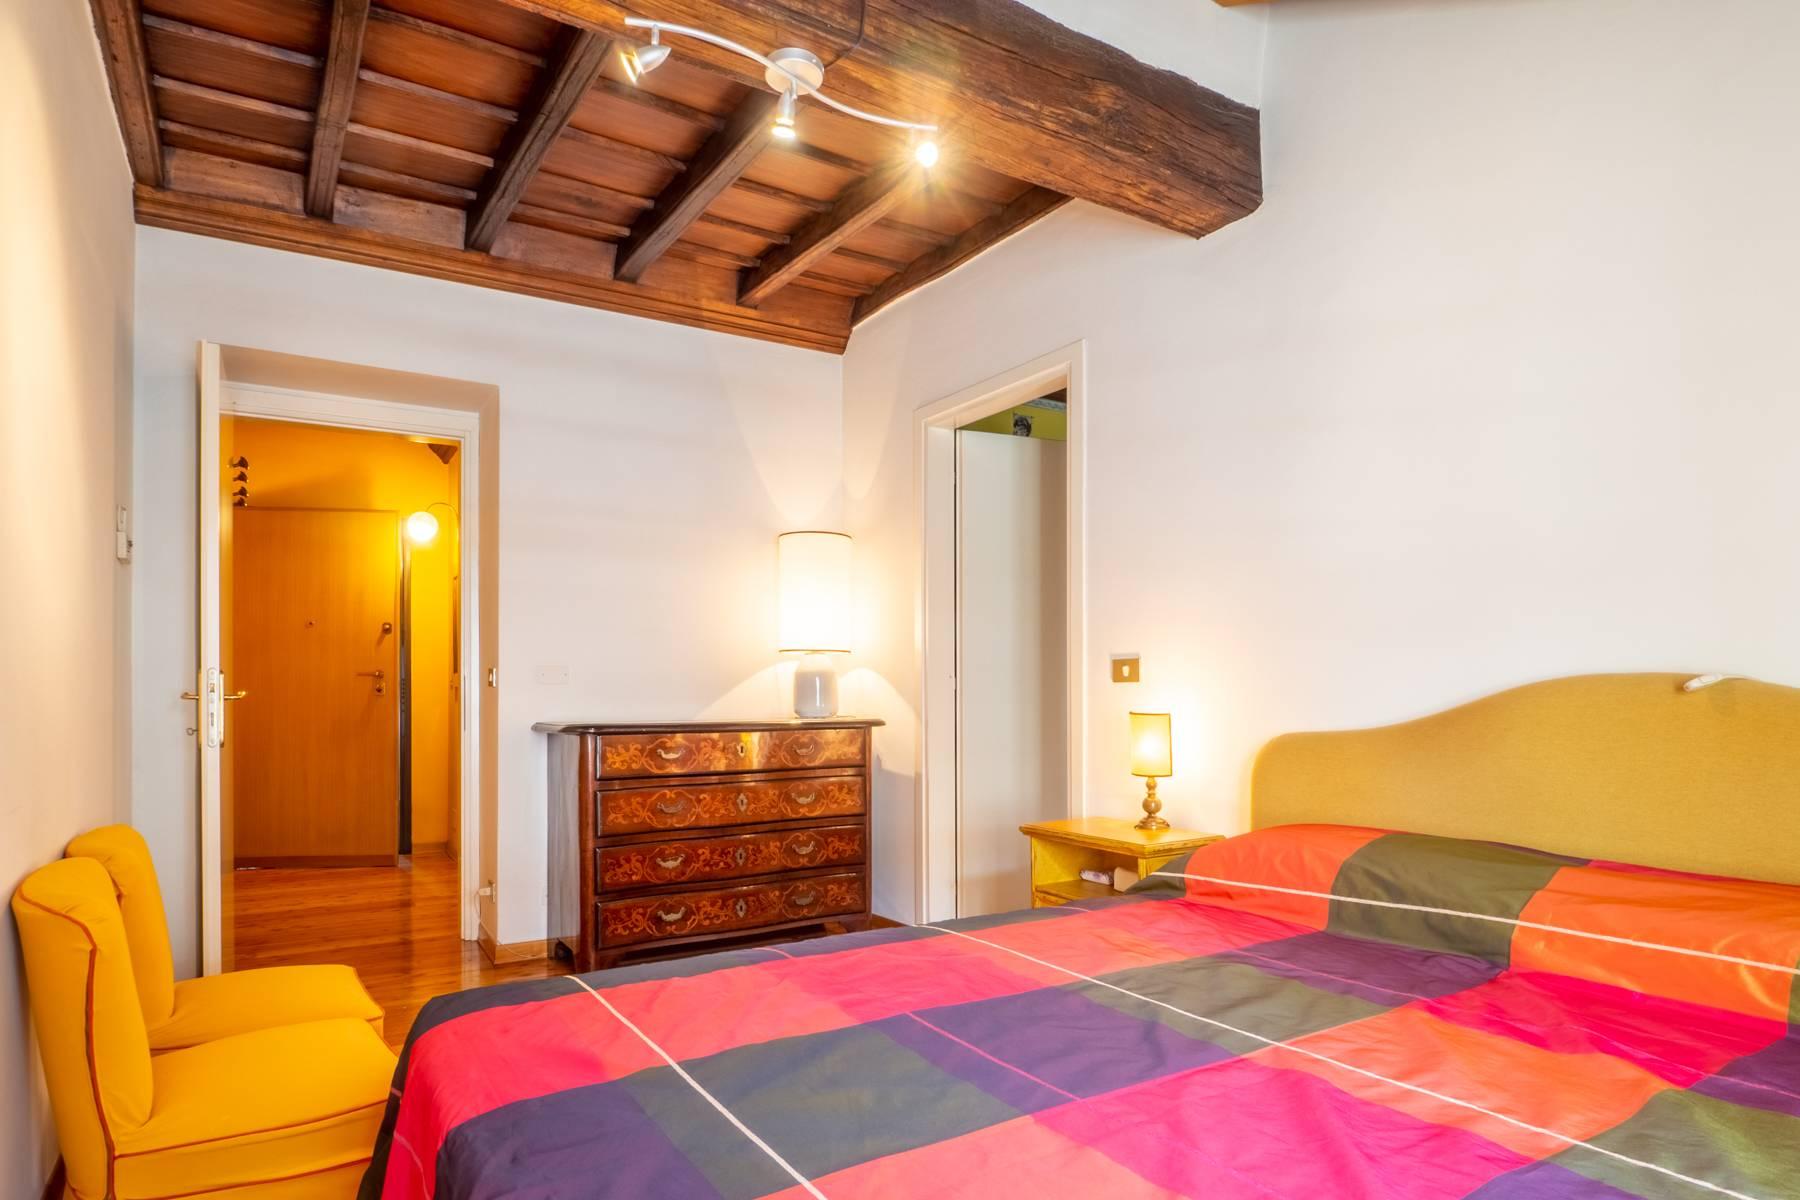 Appartamento in Vendita a Torino: 4 locali, 119 mq - Foto 7